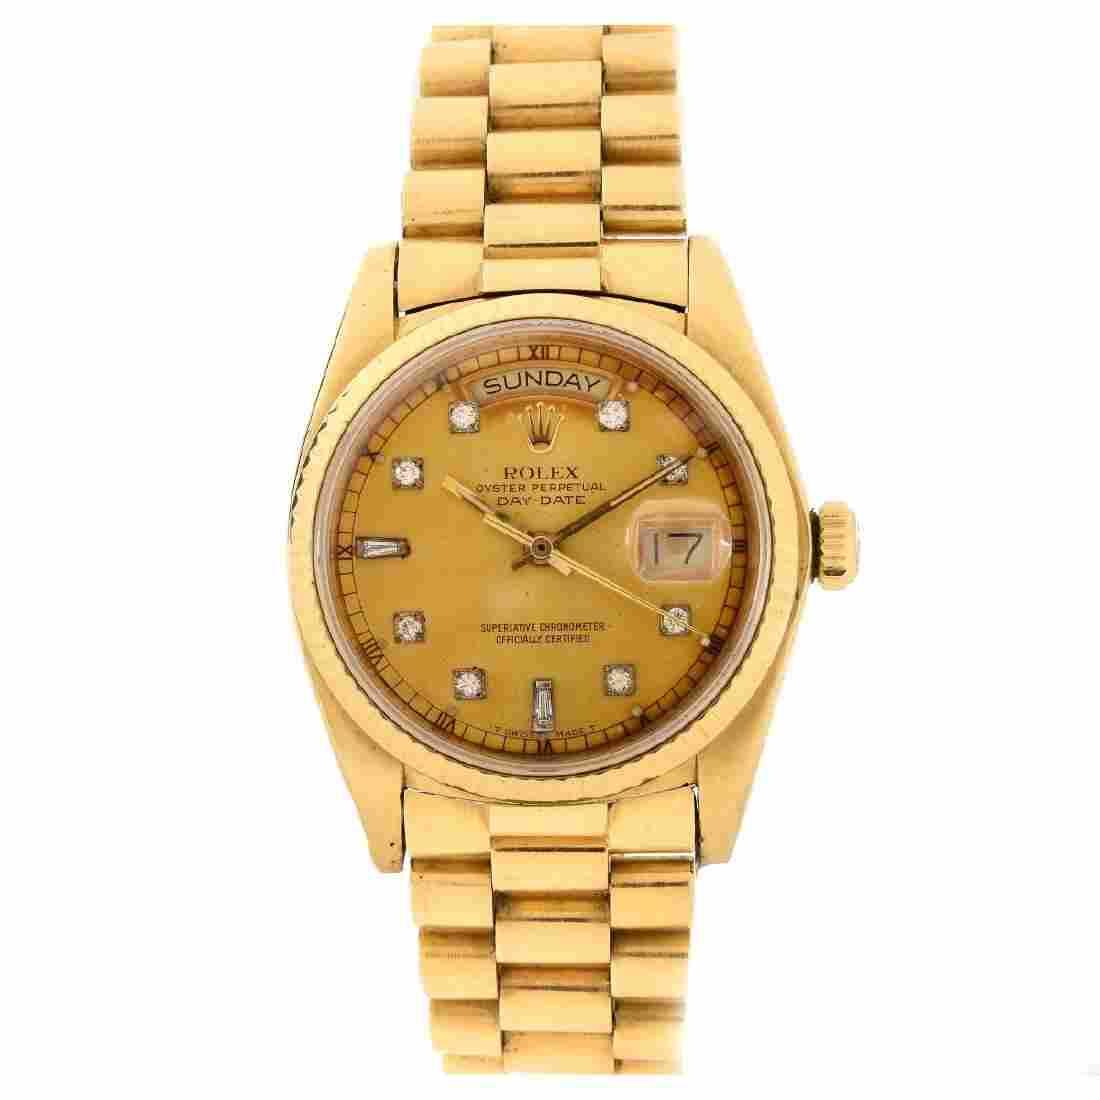 Man's Rolex 18K Watch